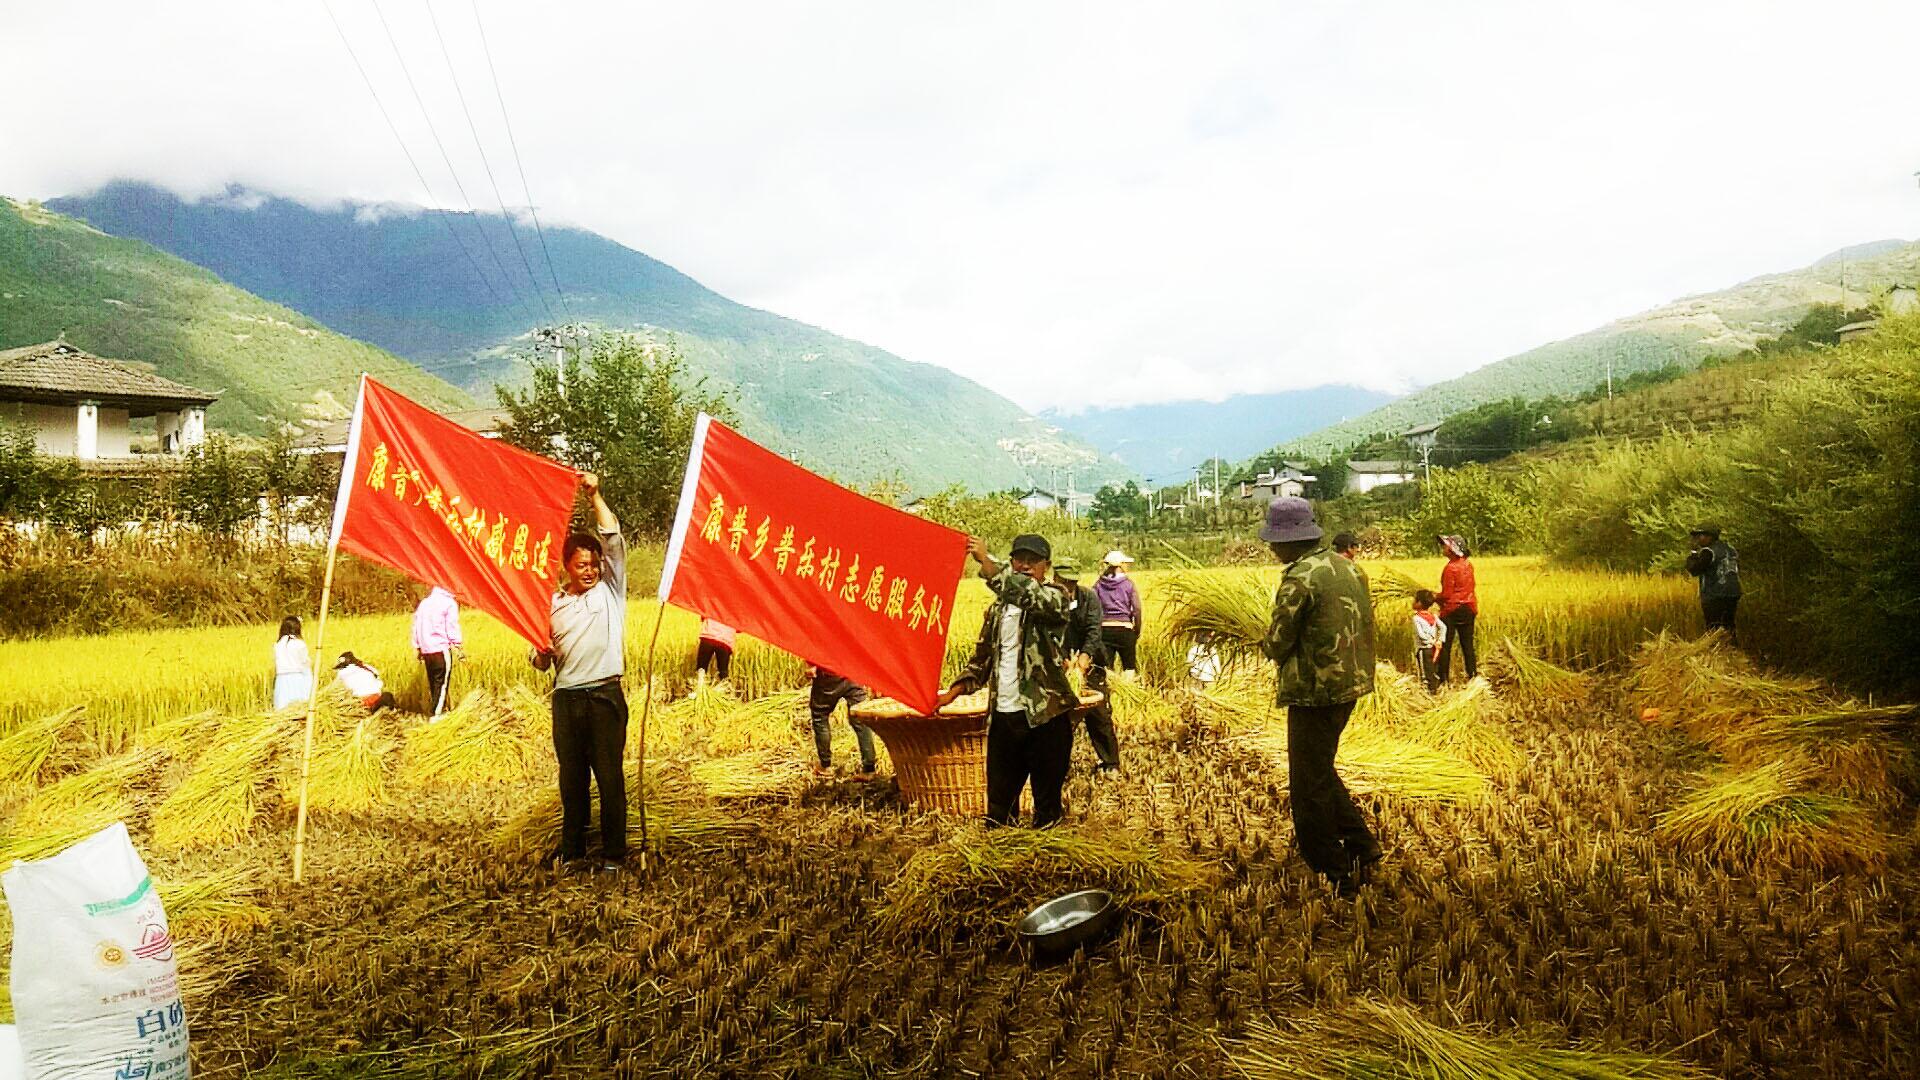 普乐村志愿服务队帮助困难党员收割庄稼